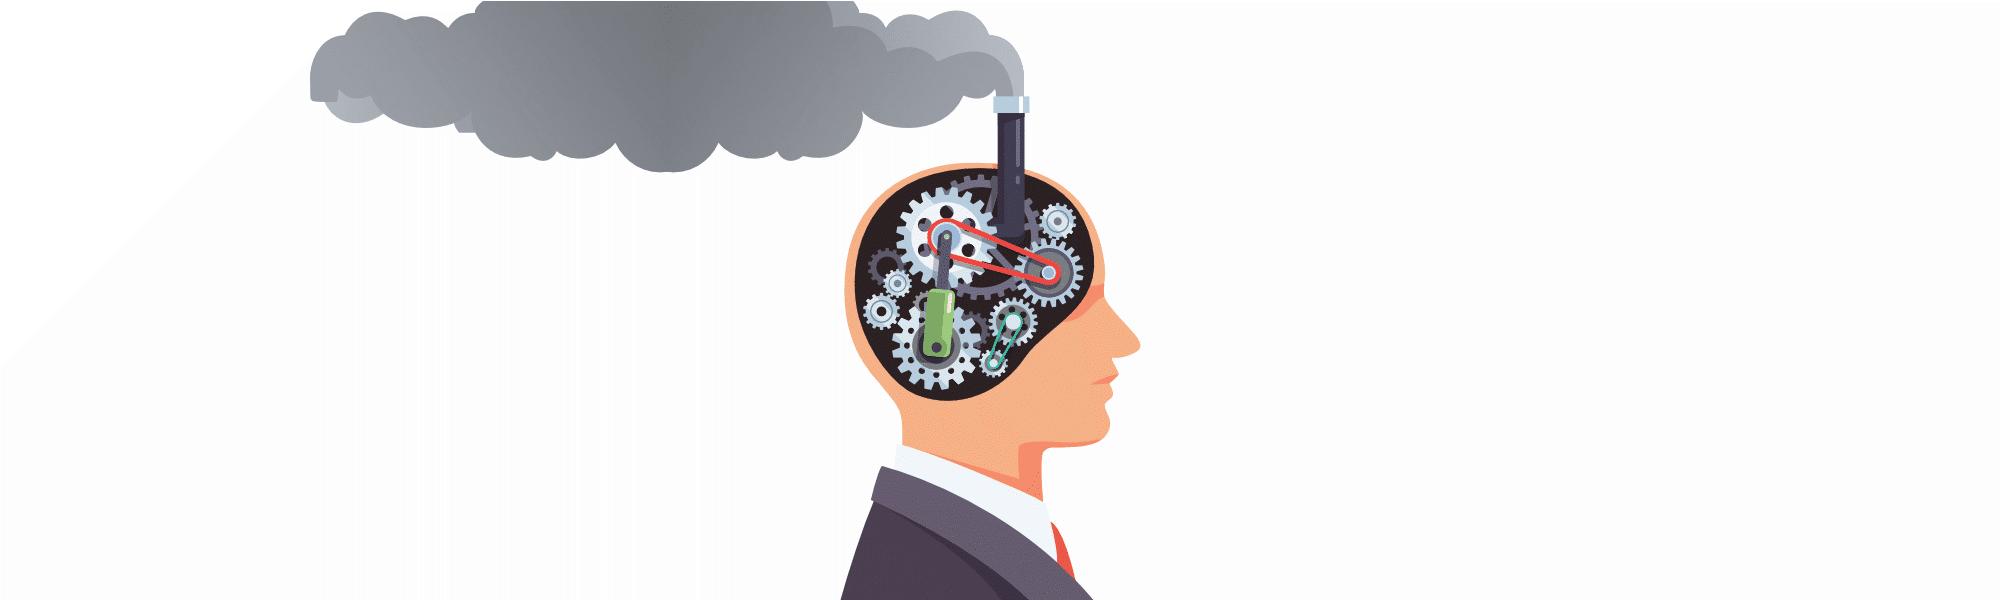 Lo que todo CEO debería saber REALMENTE sobre Inteligencia Artificial